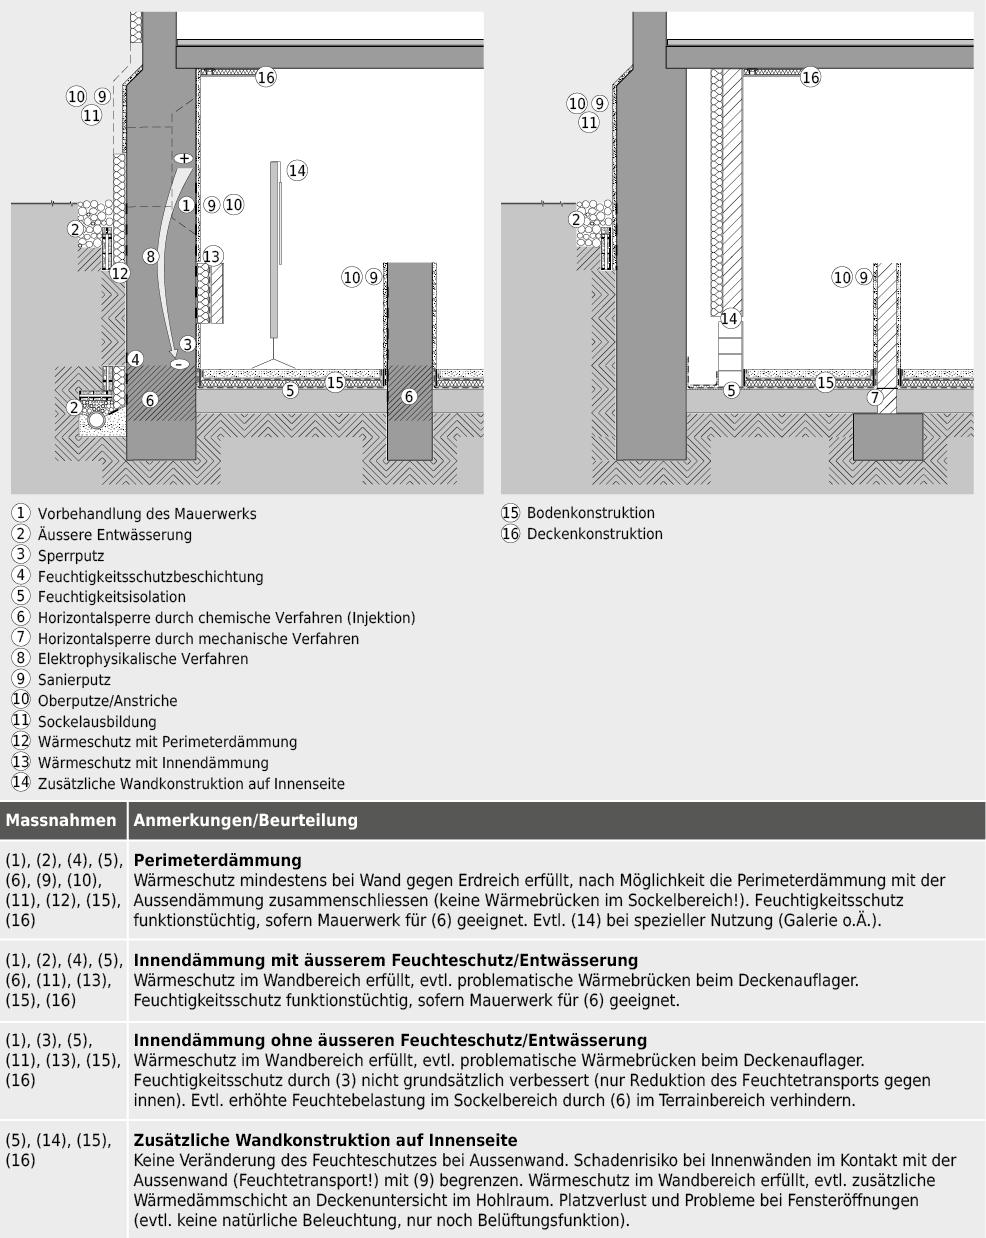 Zur Diskussion stehende Einzelmassnahmen bei Fallbeispiel 2 «Untergeschoss eines alten Gebäudes mit horizontaler Decke und Bruchsteinmauerwerk».